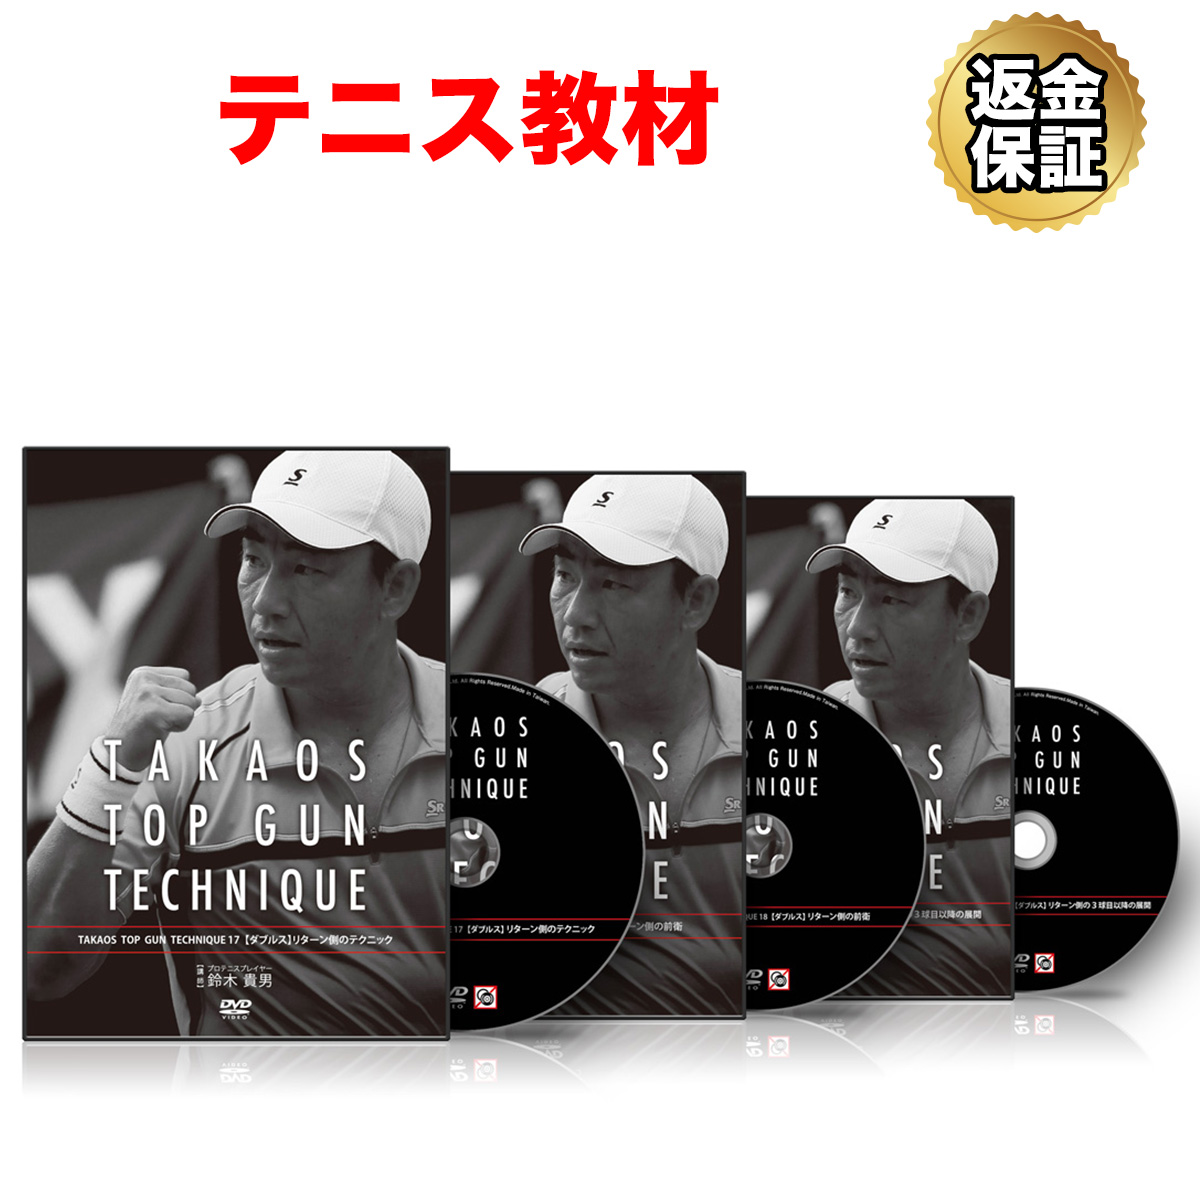 【テニス】鈴木貴男の TOP GUN TECHNIQUE 17~19【ダブルス・リターン】